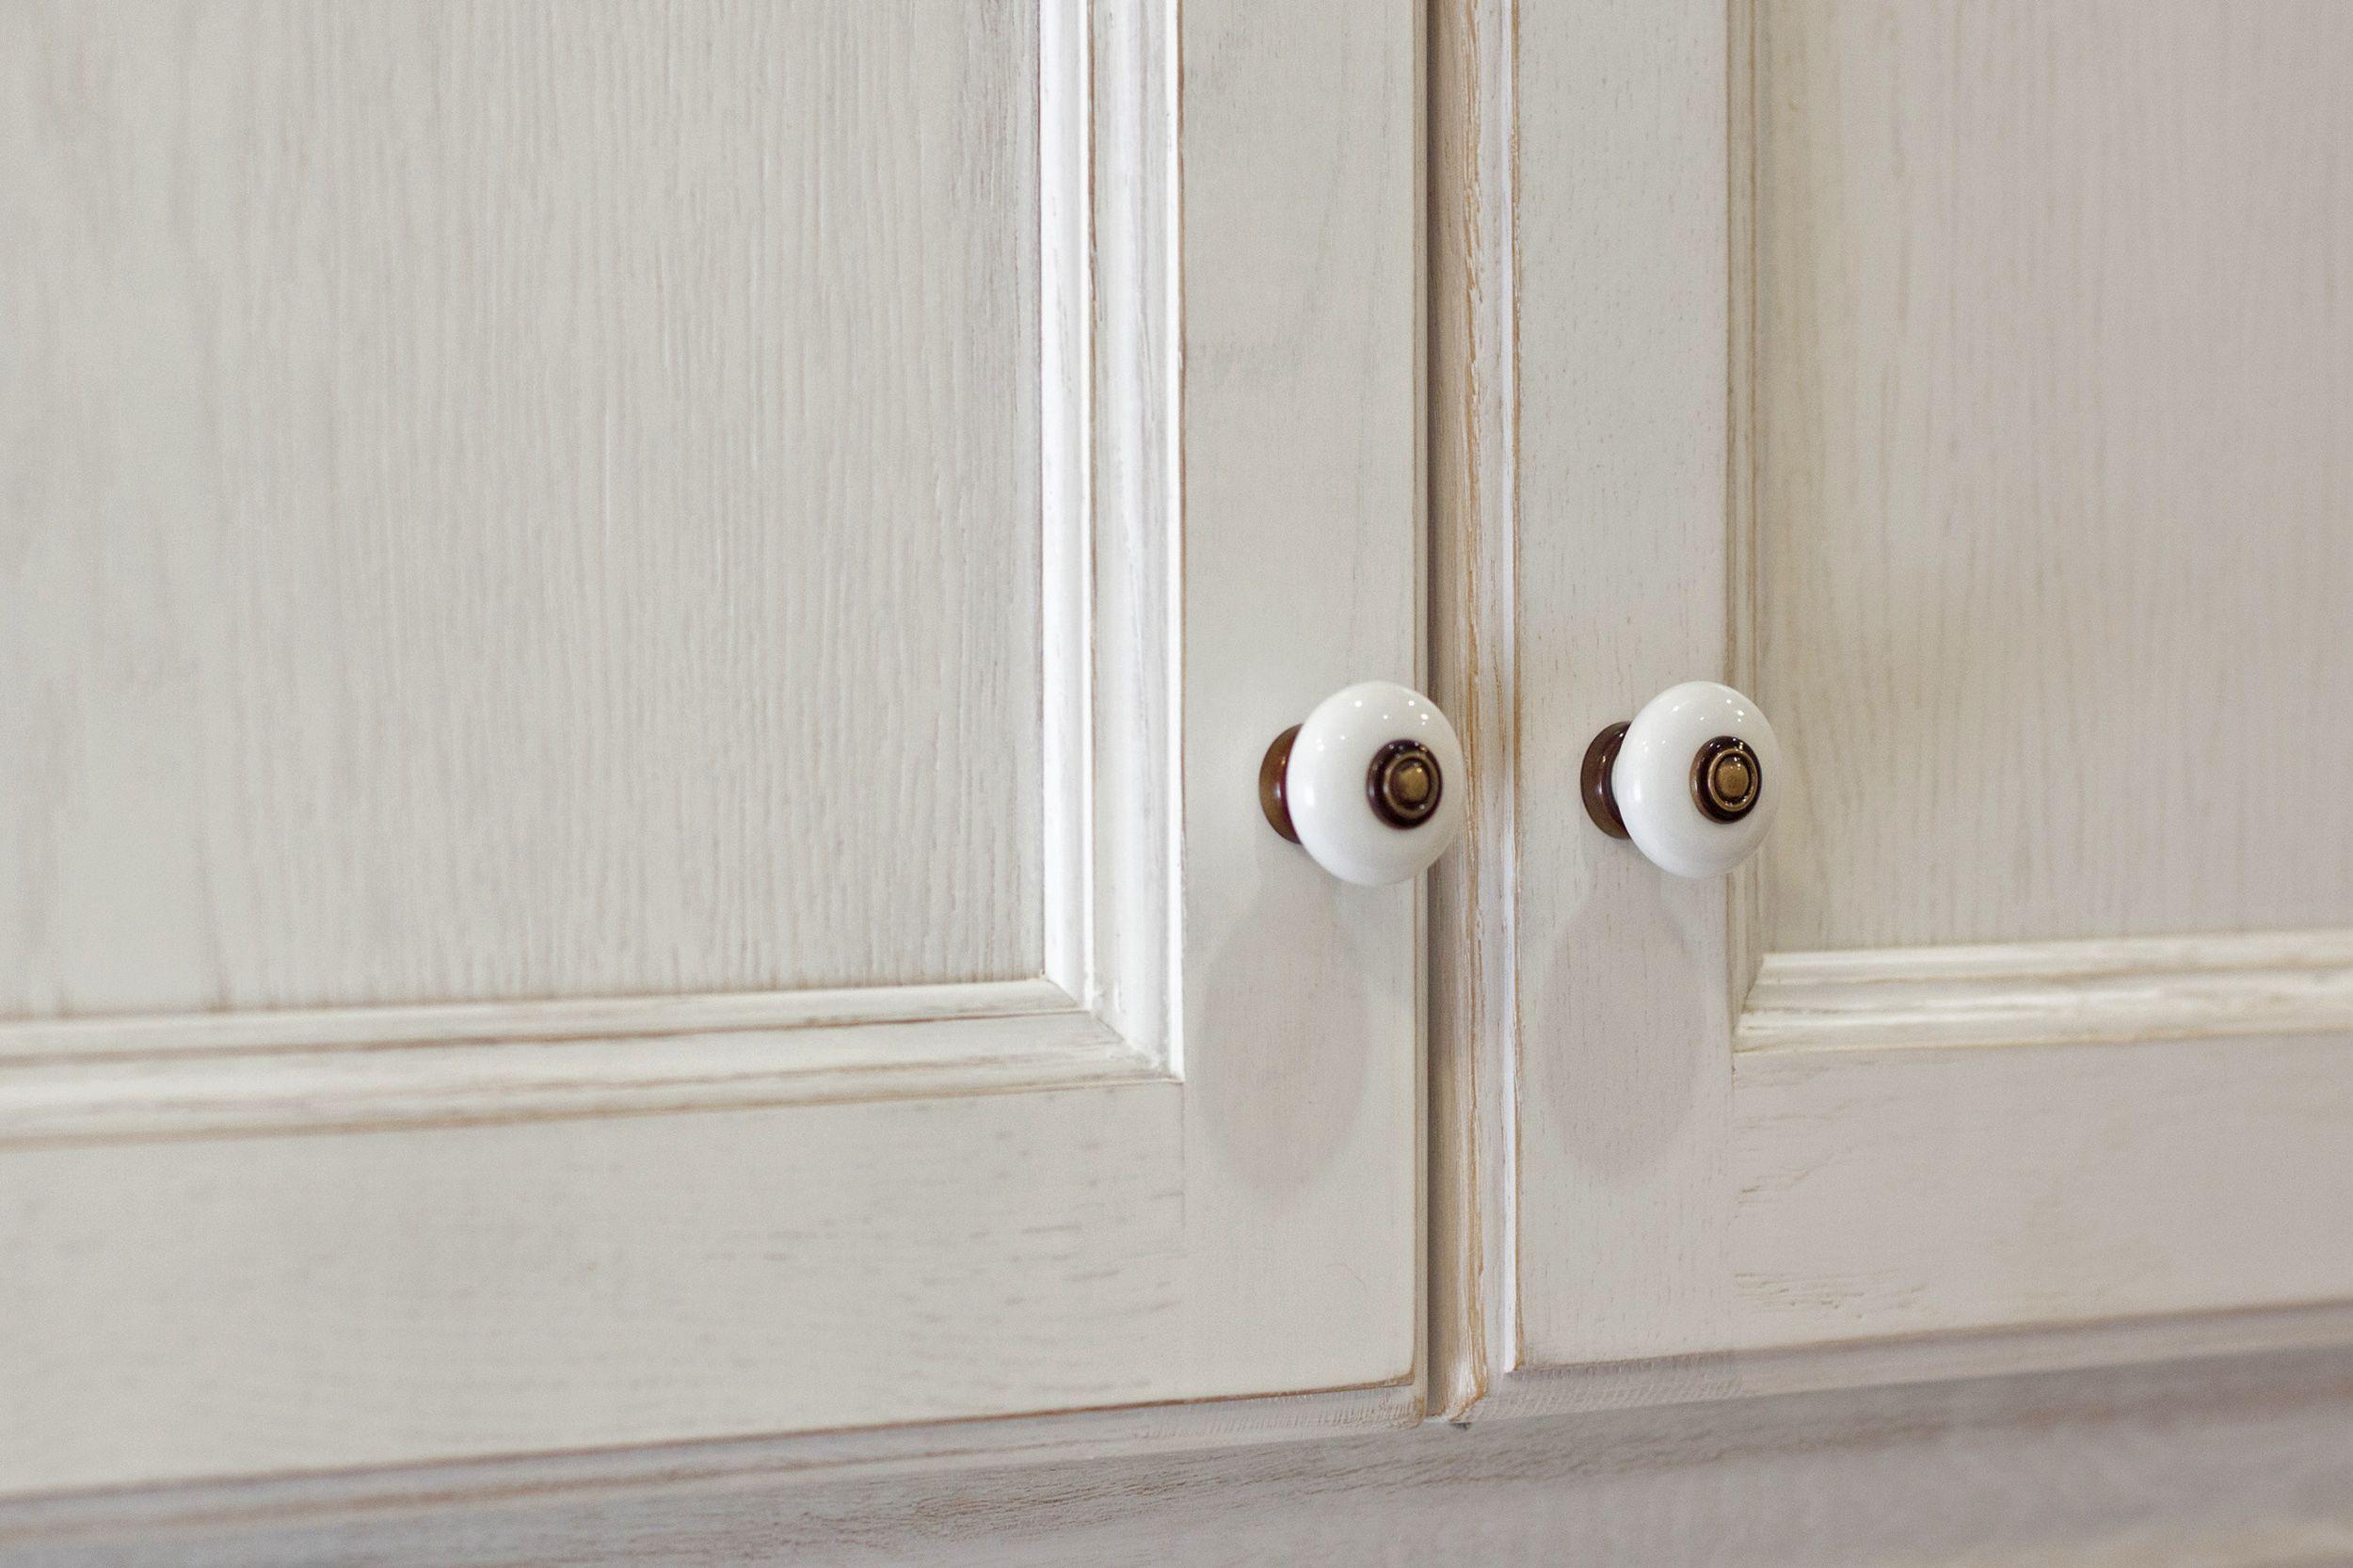 Puertas de cocina con plafl n y lacado a poro abierto pomos de porcelana pomos porcelana - Pomos para puertas de cocina ...